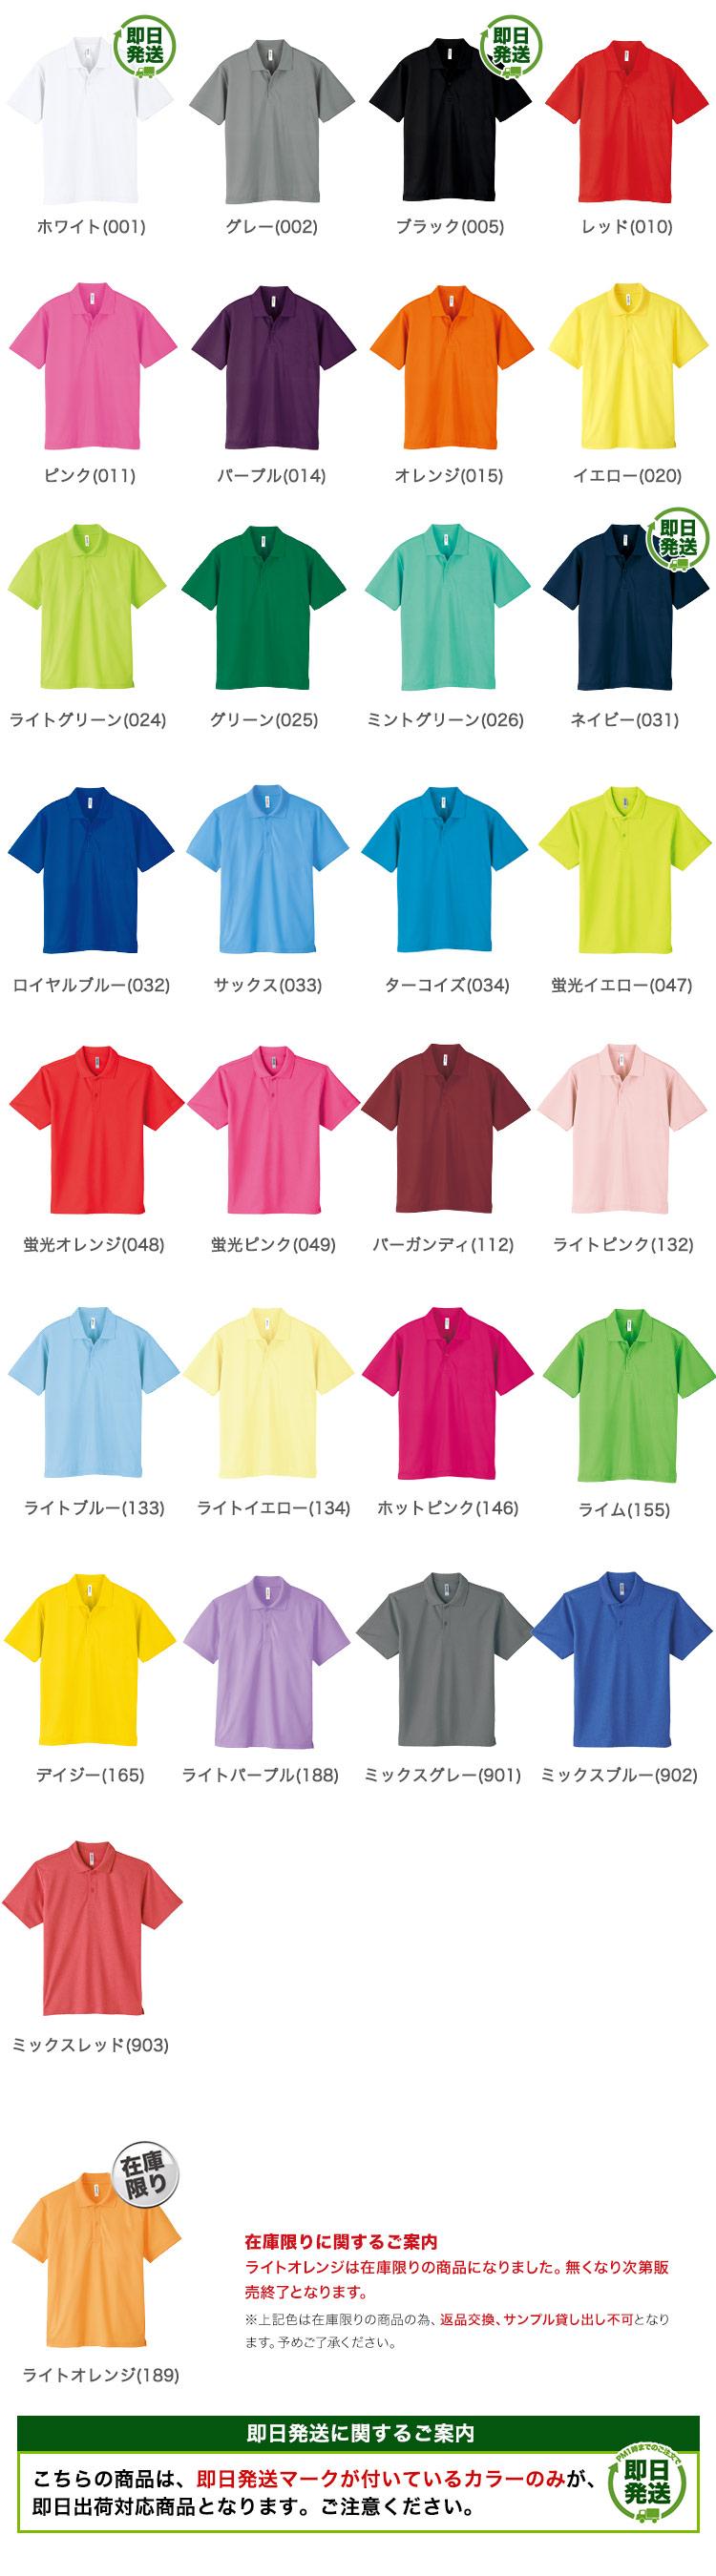 トムスのドライポロシャツ(41-00302ADP)のカラーバリエーション画像